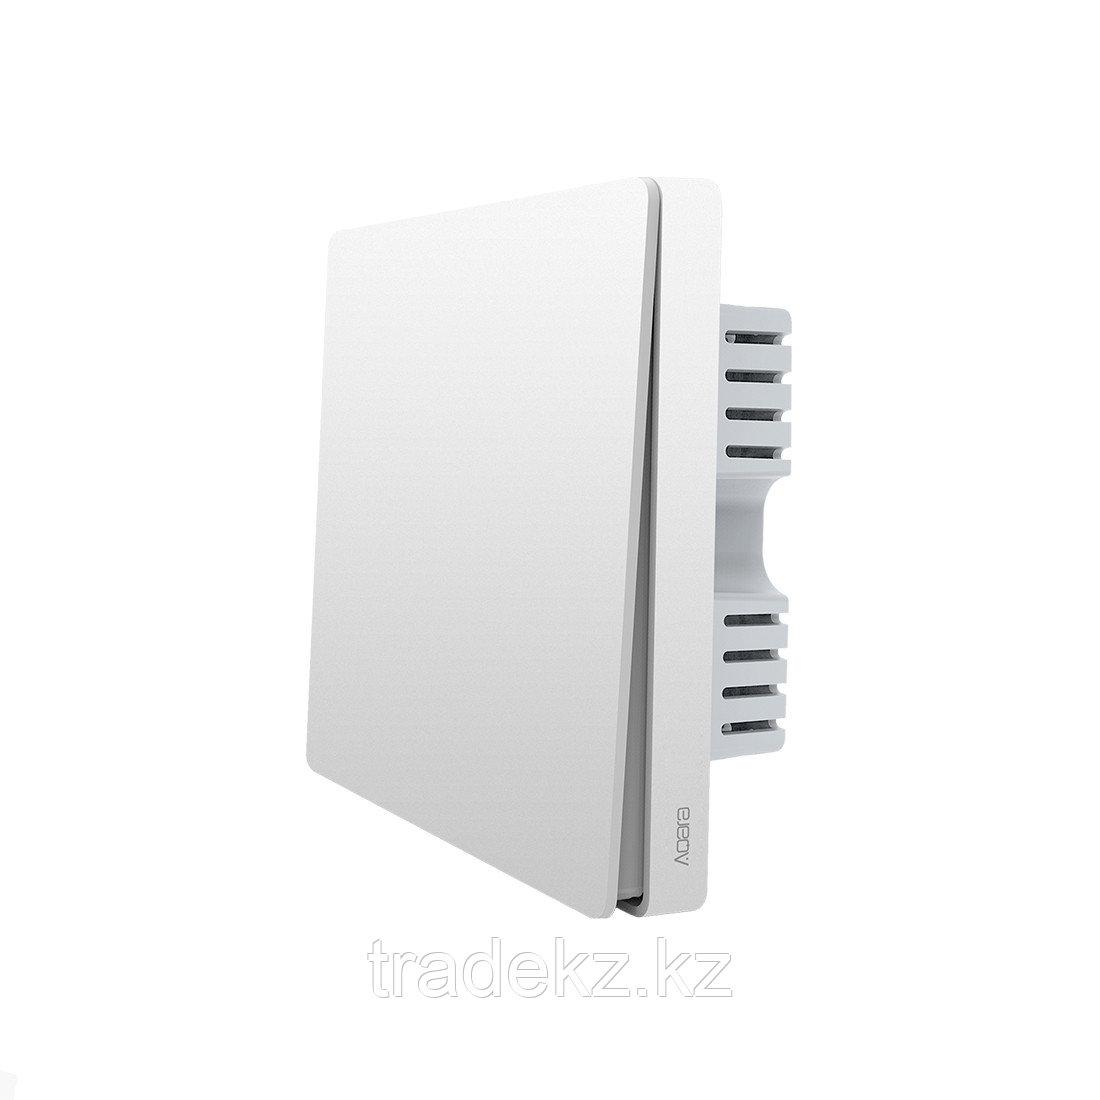 Настенный выключатель одноклавишный Aqara Wall Switch, умный дом